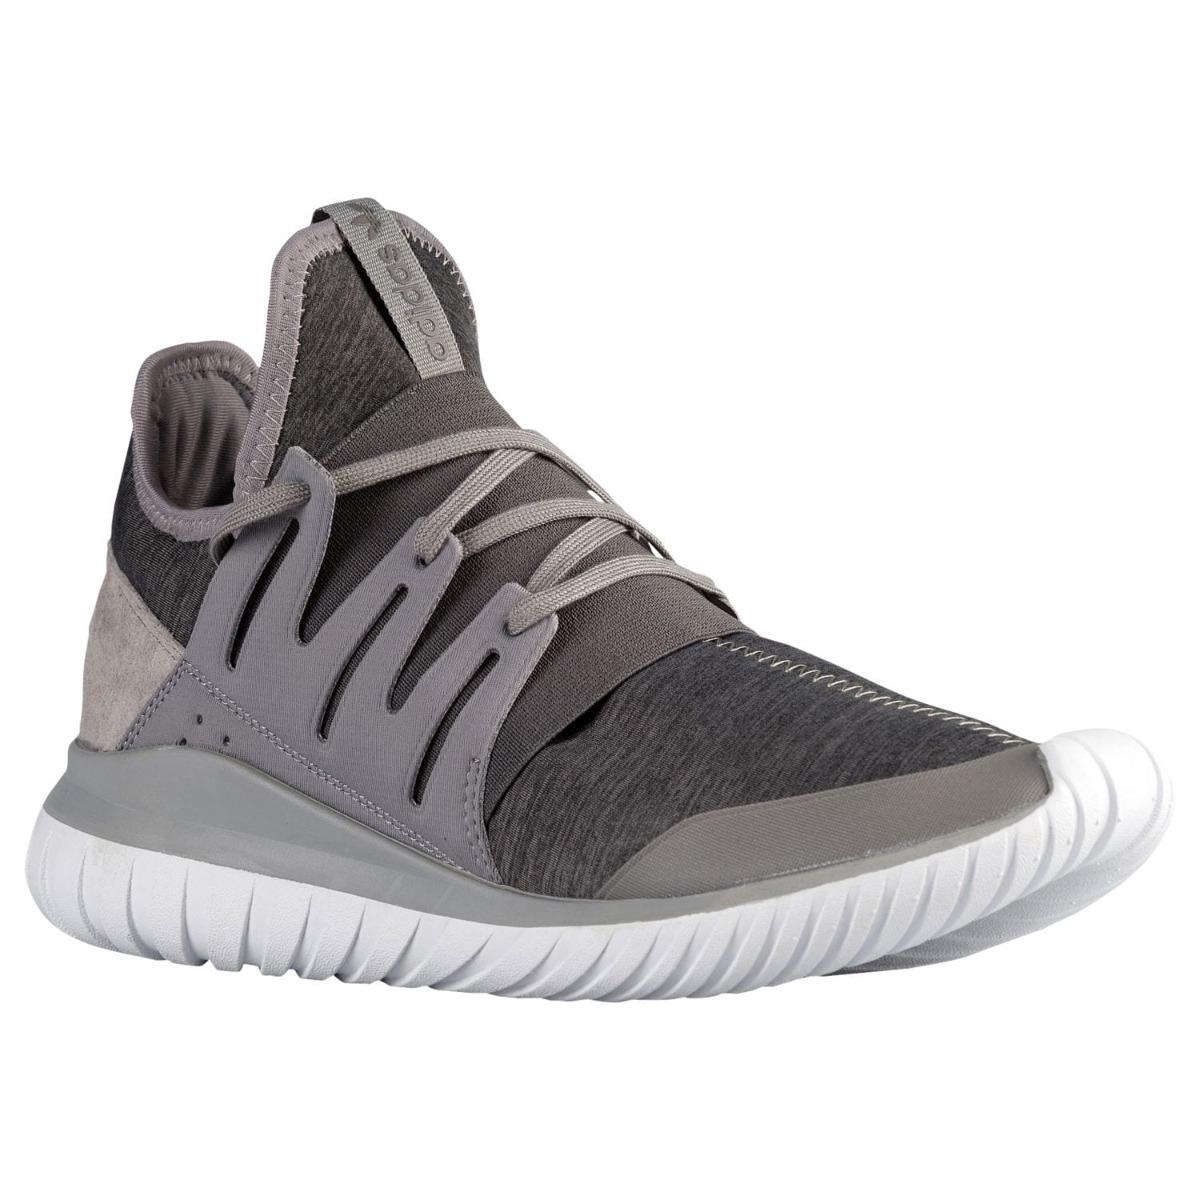 Zapatillas Tubular Adidas Originals Aq6726 Oferta Radial CBdxeWro